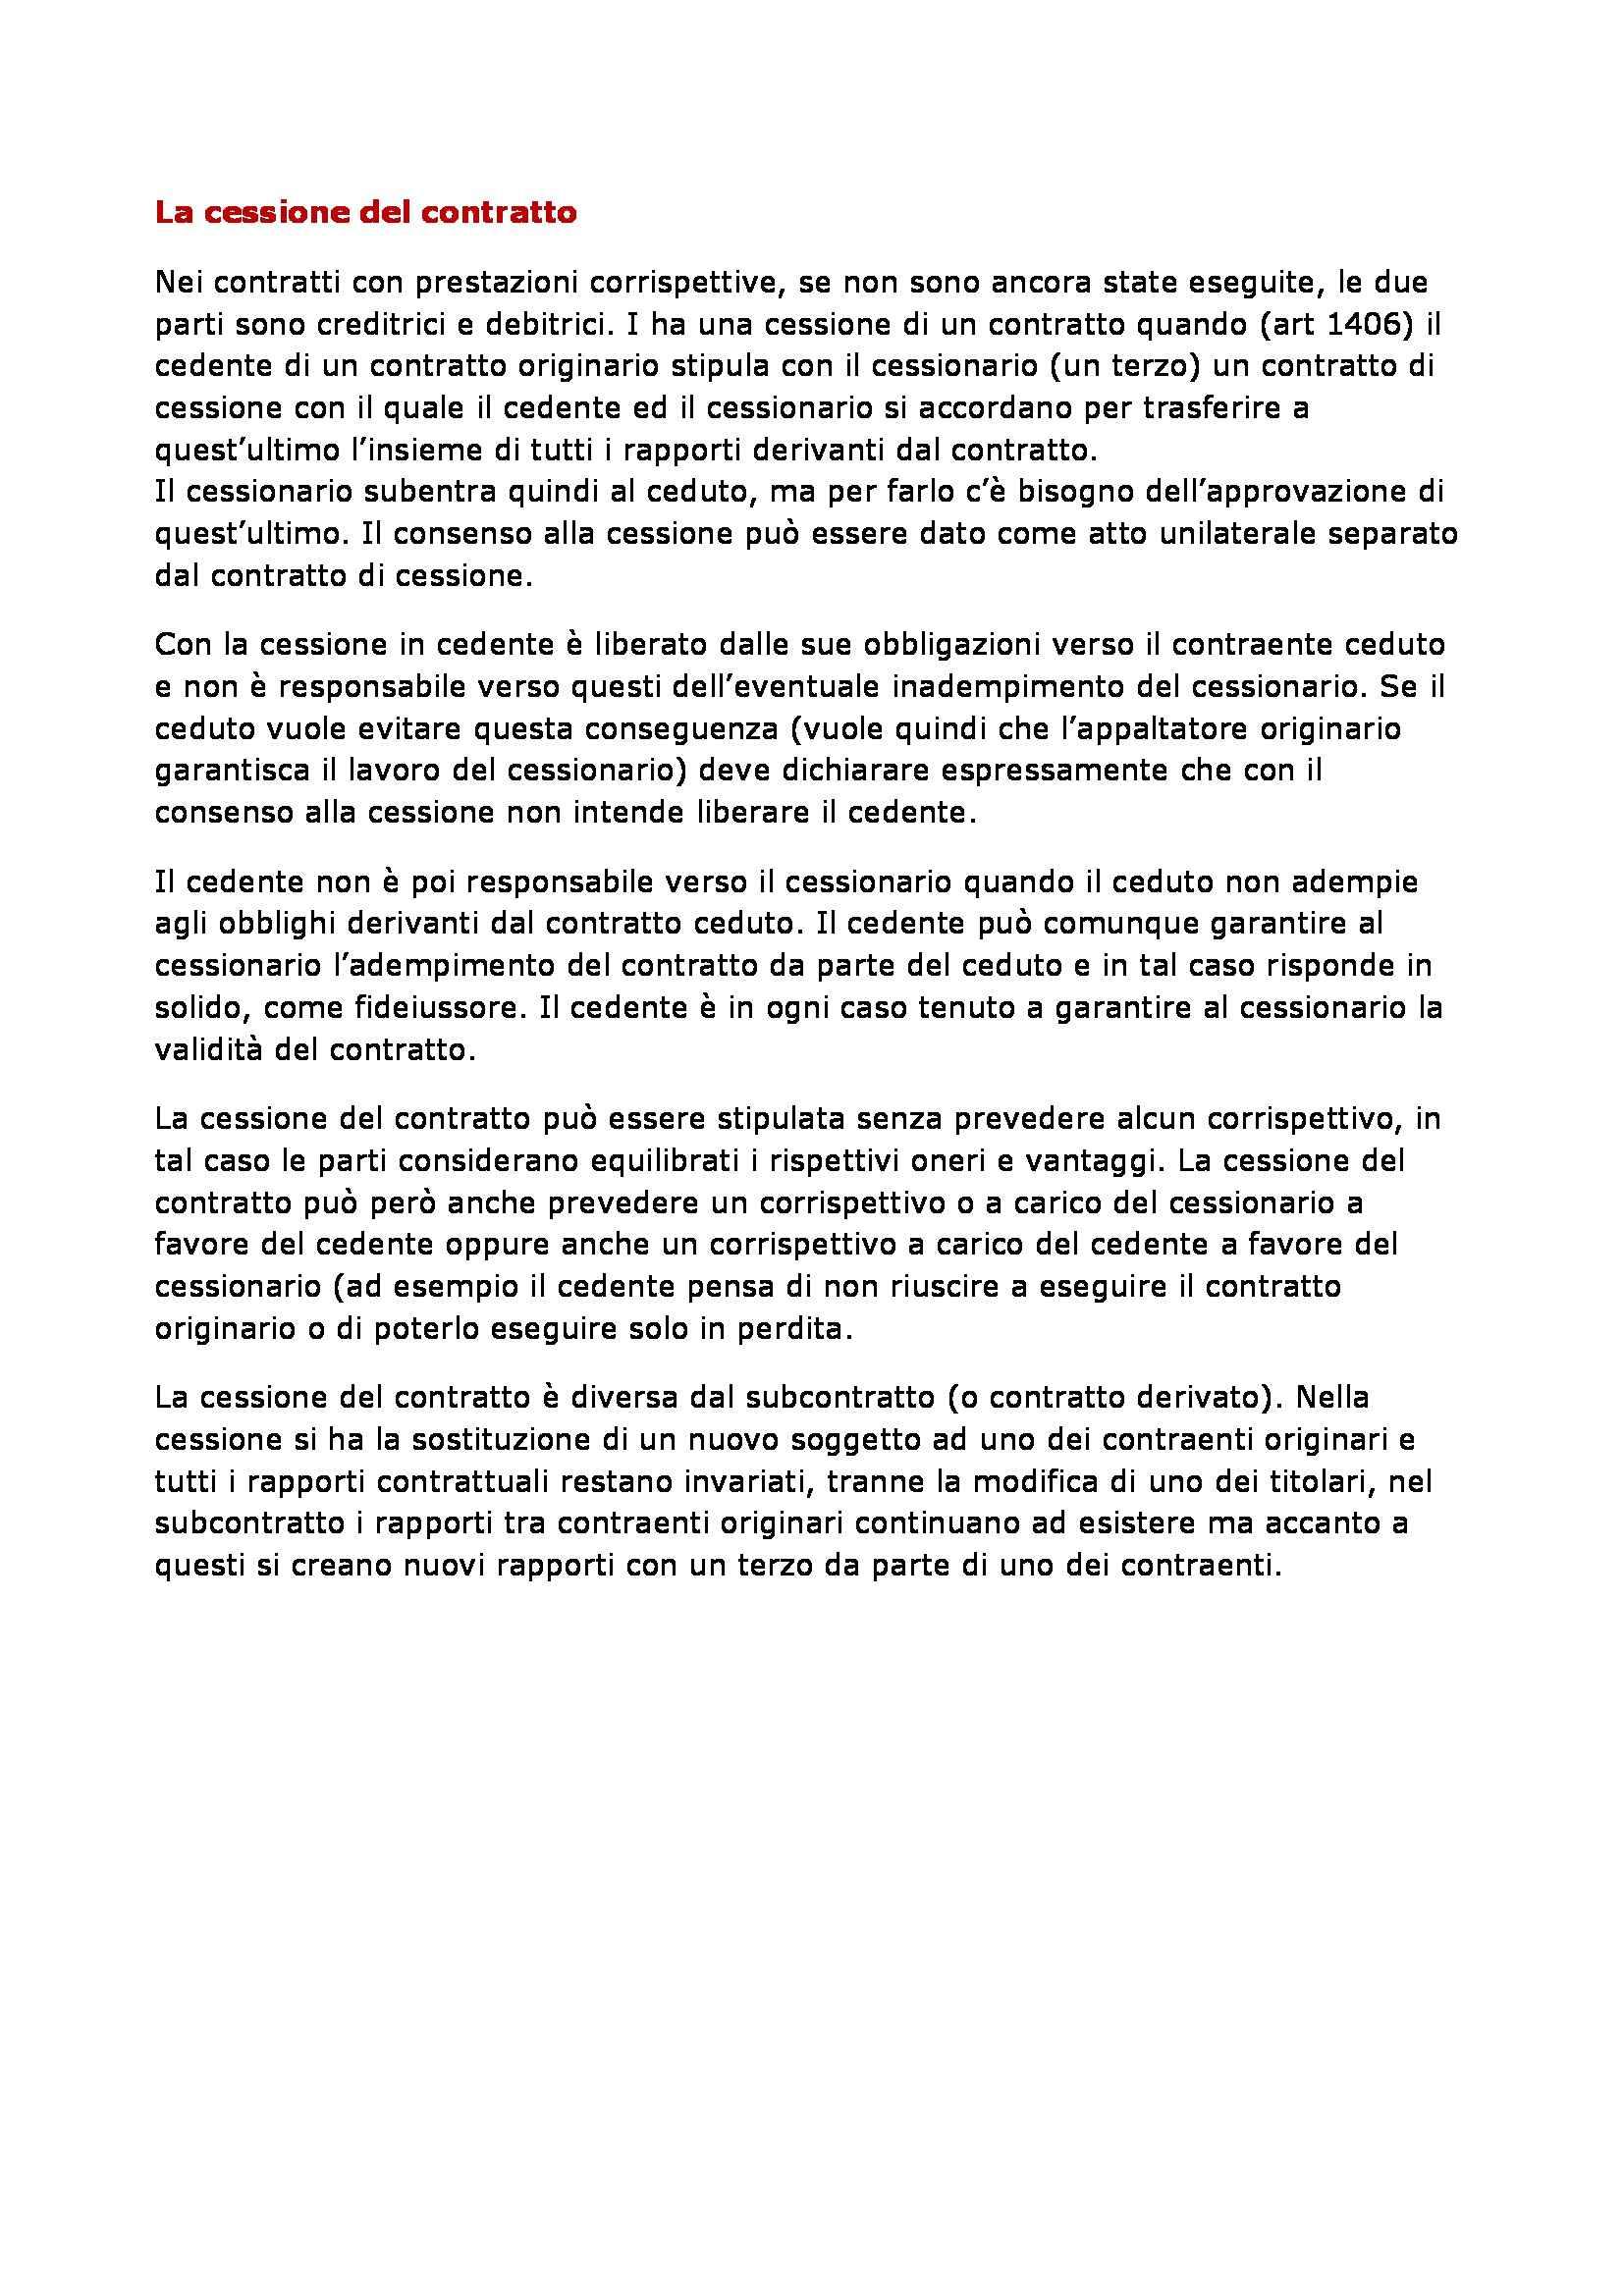 Diritto privato - contratti in generale Pag. 36